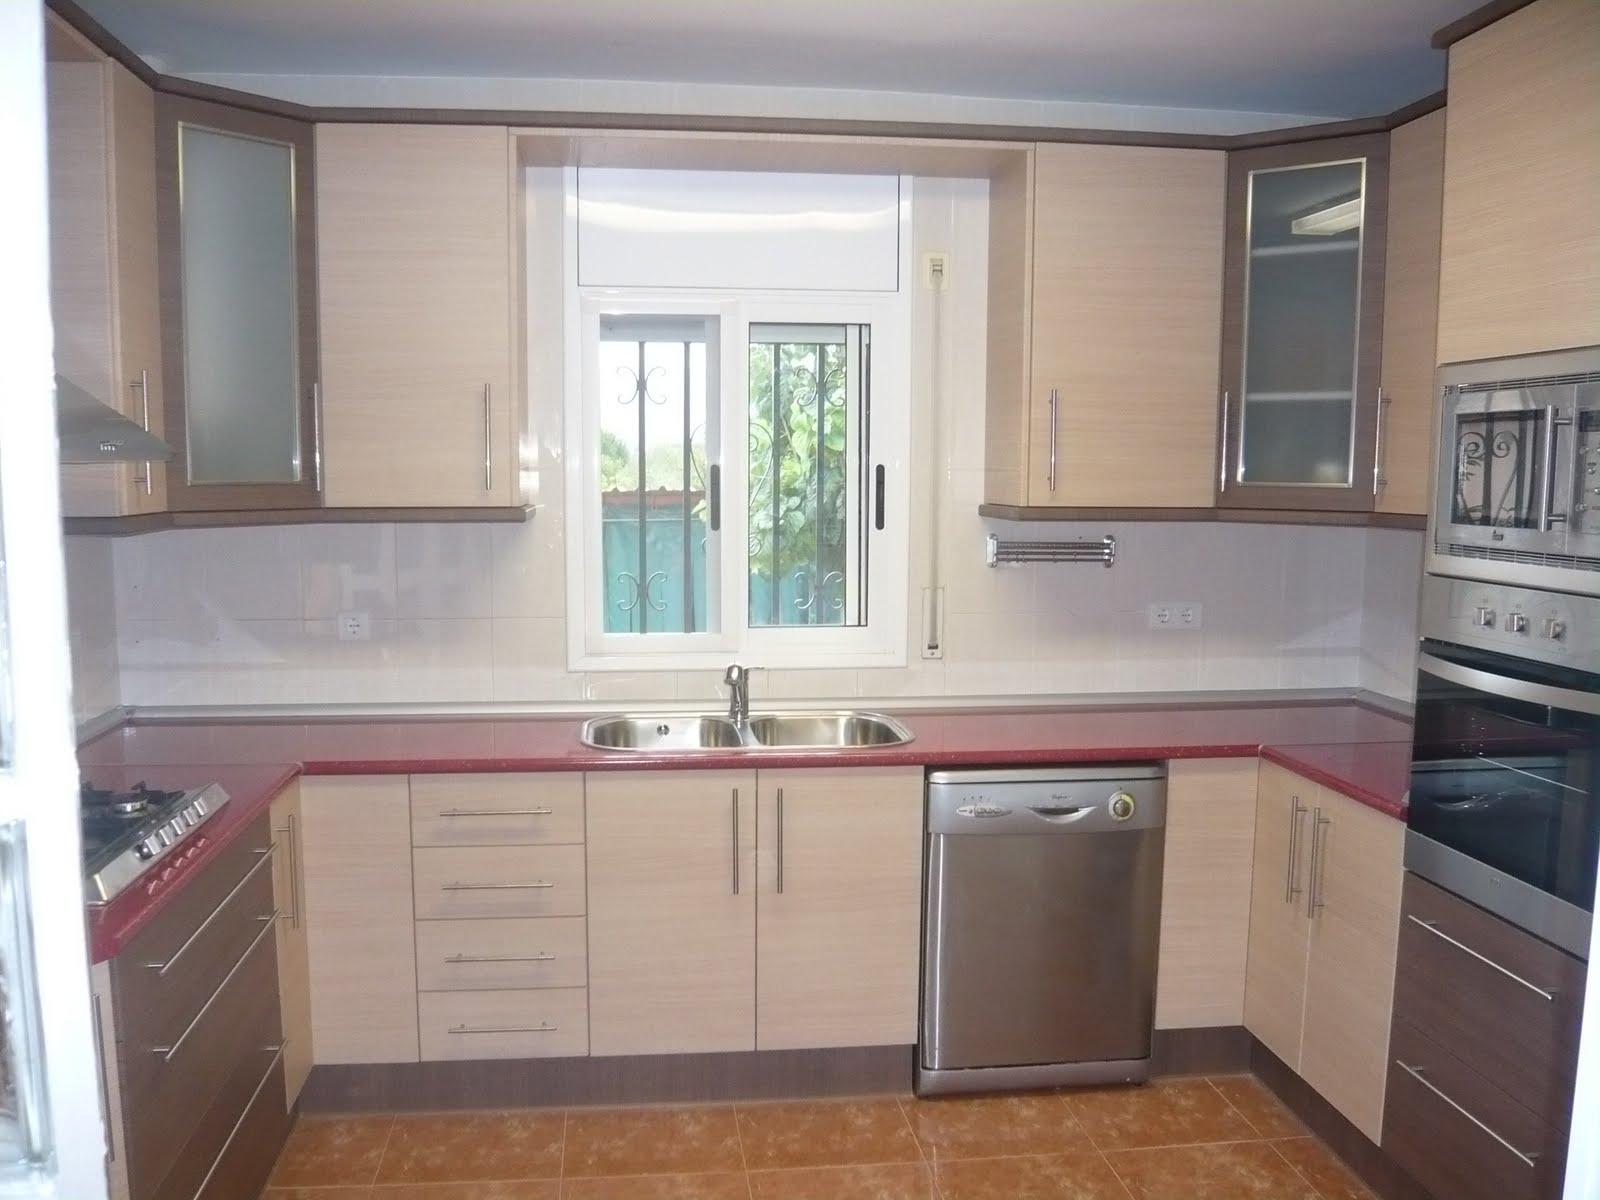 Reuscuina cocina de formica en color roble combinada - Cocinas color roble ...